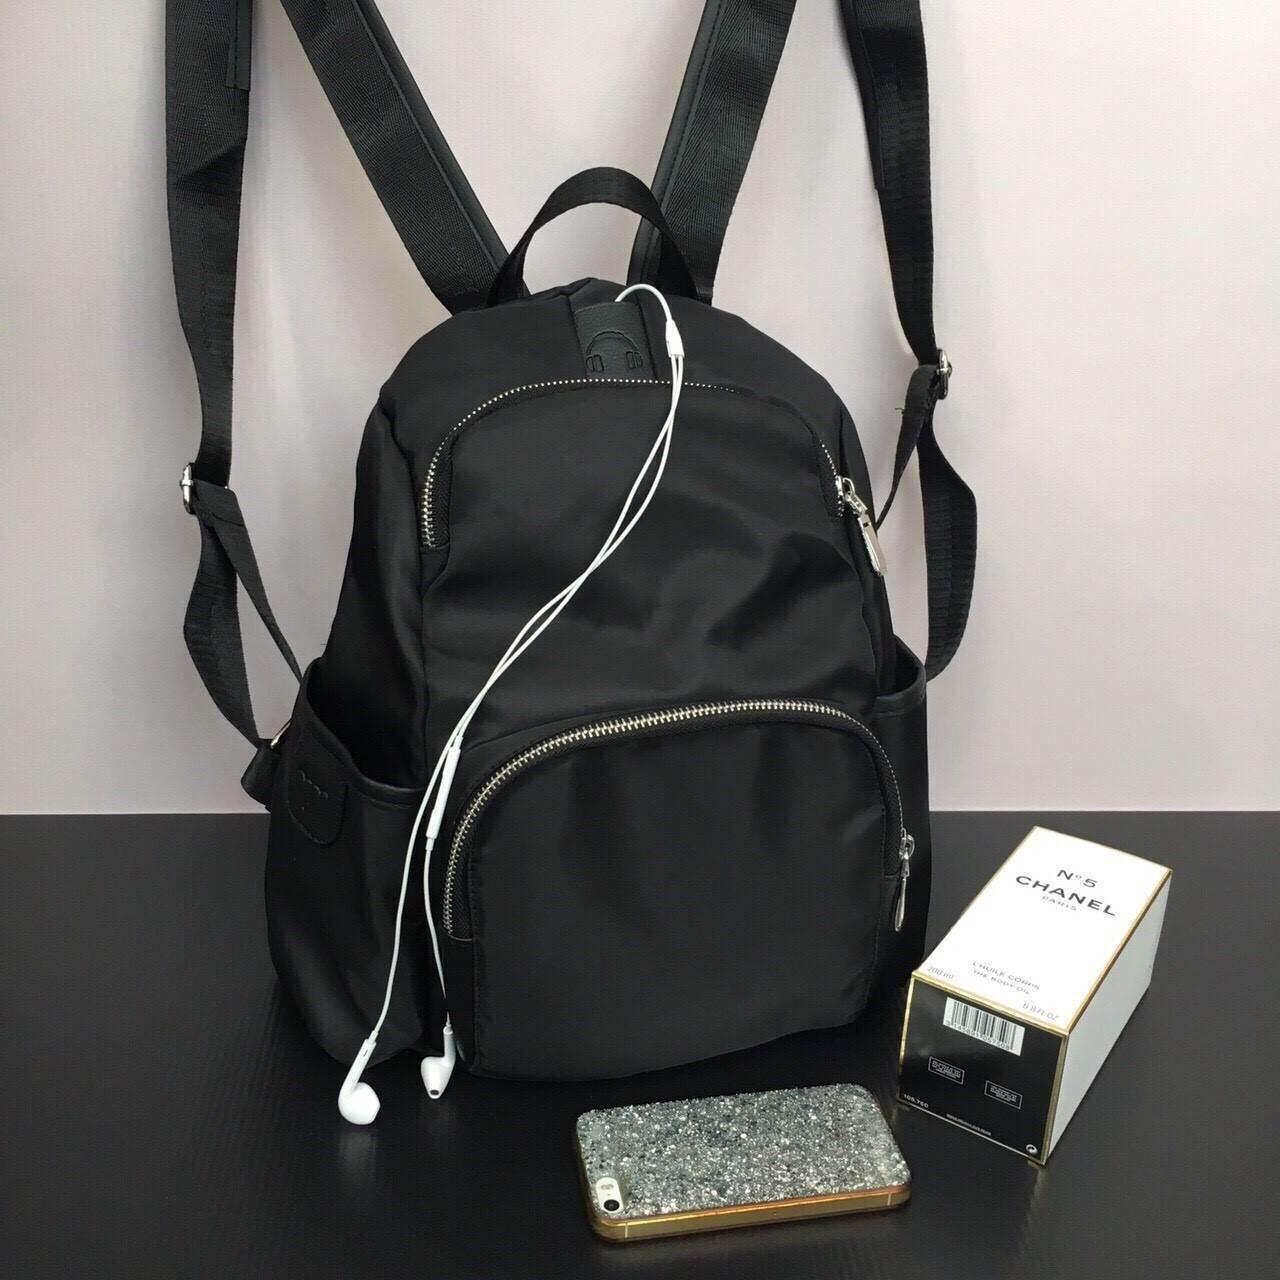 Berke Nylon Backpack 2017 สีดำ #เป้ไม่กลัวเปียก #สายฟังเพลงไม่ควรพลาด